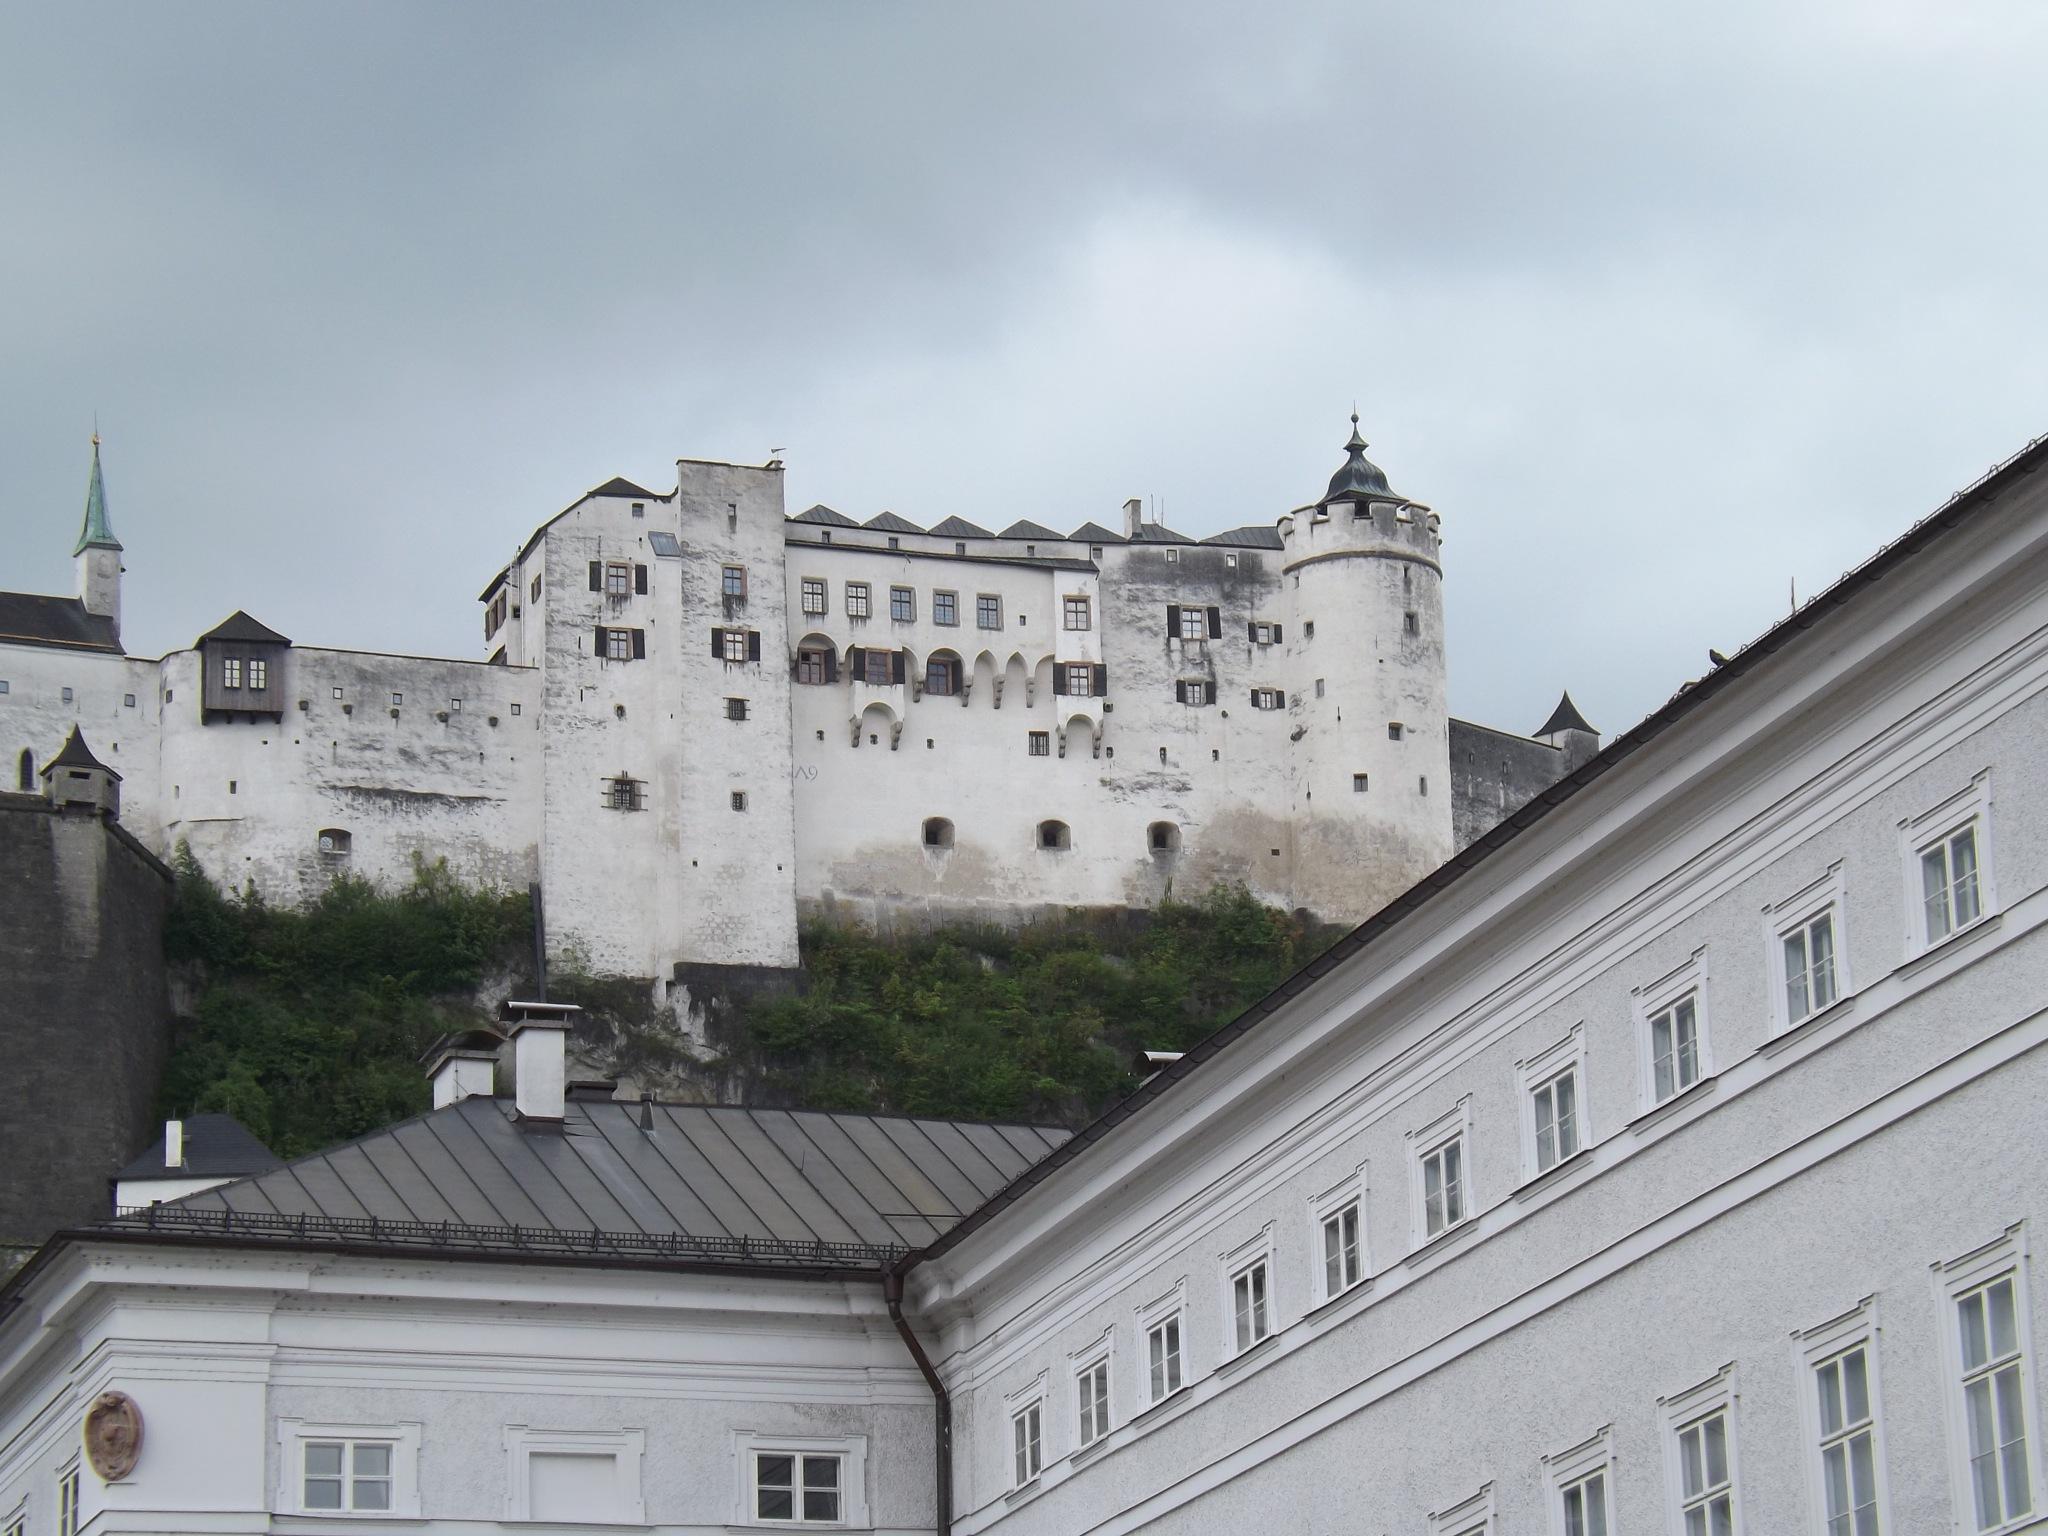 Festung Hohensalzburg .  Mönchsberg 34, 5020 Salzburg, Ausztria  by Imre Lakat